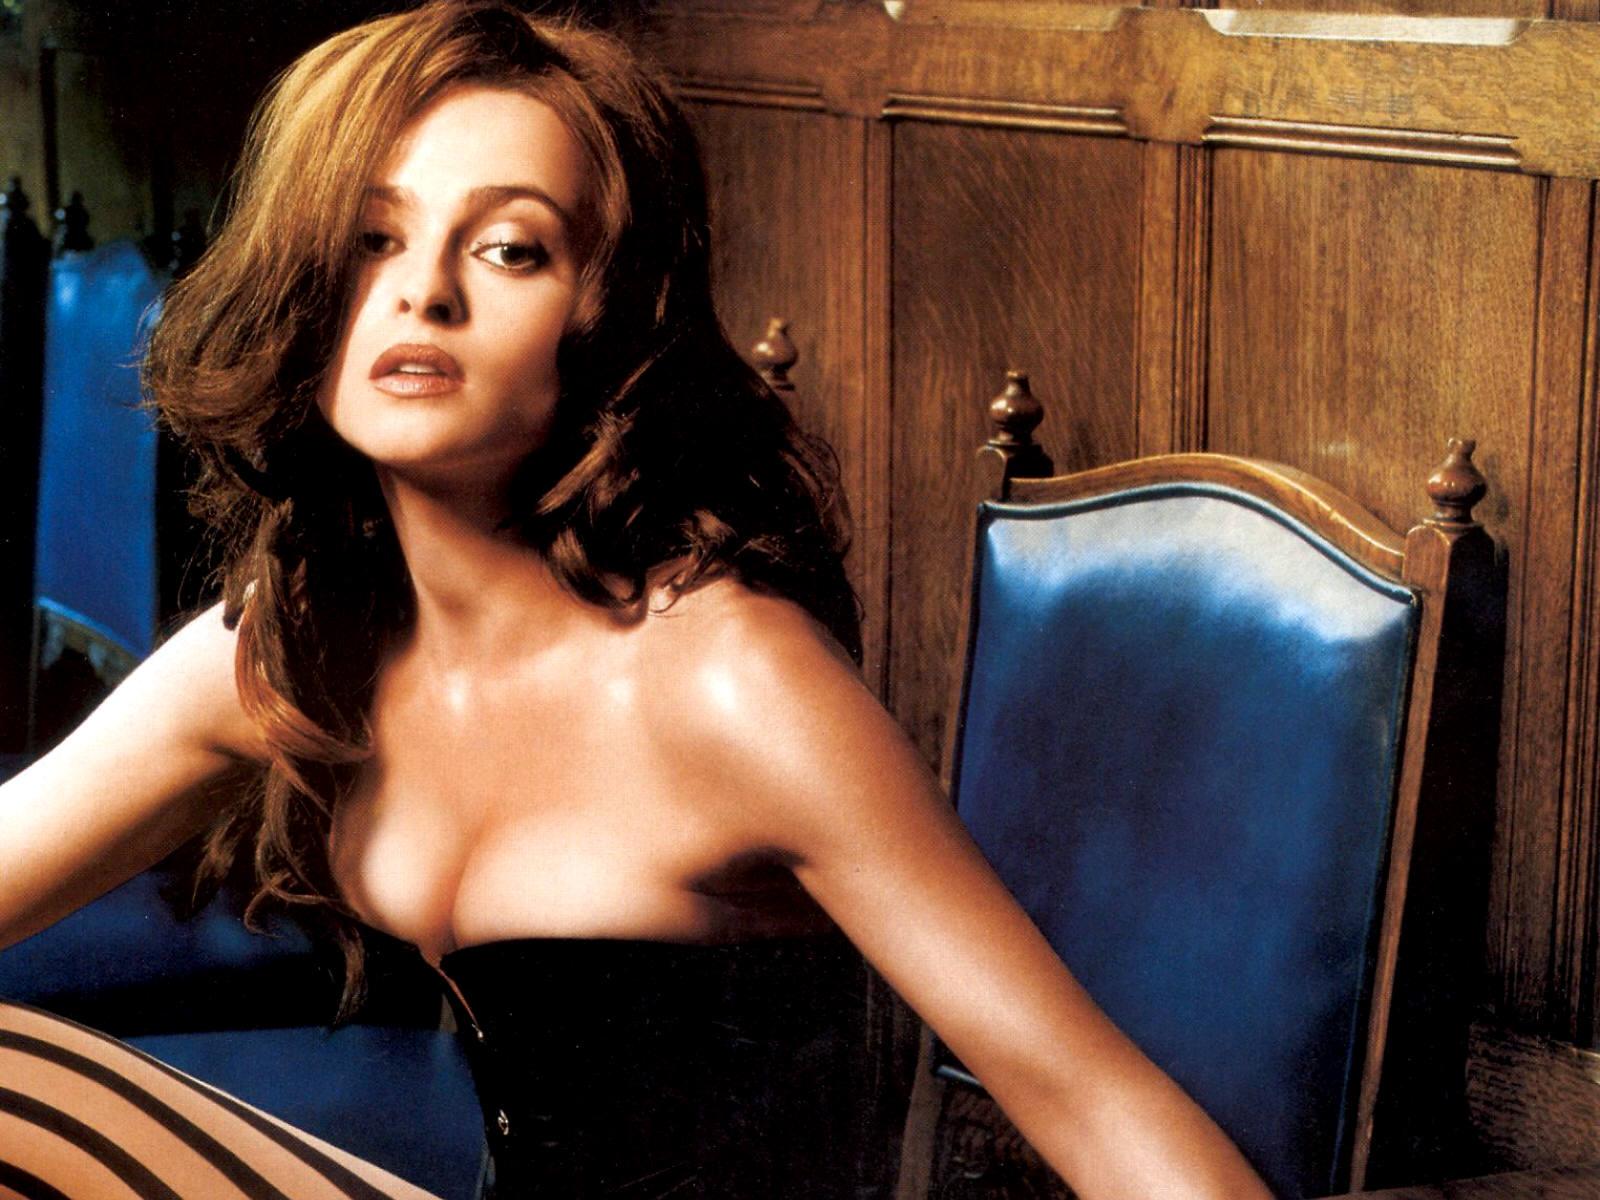 http://1.bp.blogspot.com/-IjXi_2E70oU/TZukMYd6nWI/AAAAAAAANTU/jEFM3PCtB2Q/s1600/actress-helena-bonham-carter-wallpaper.jpg